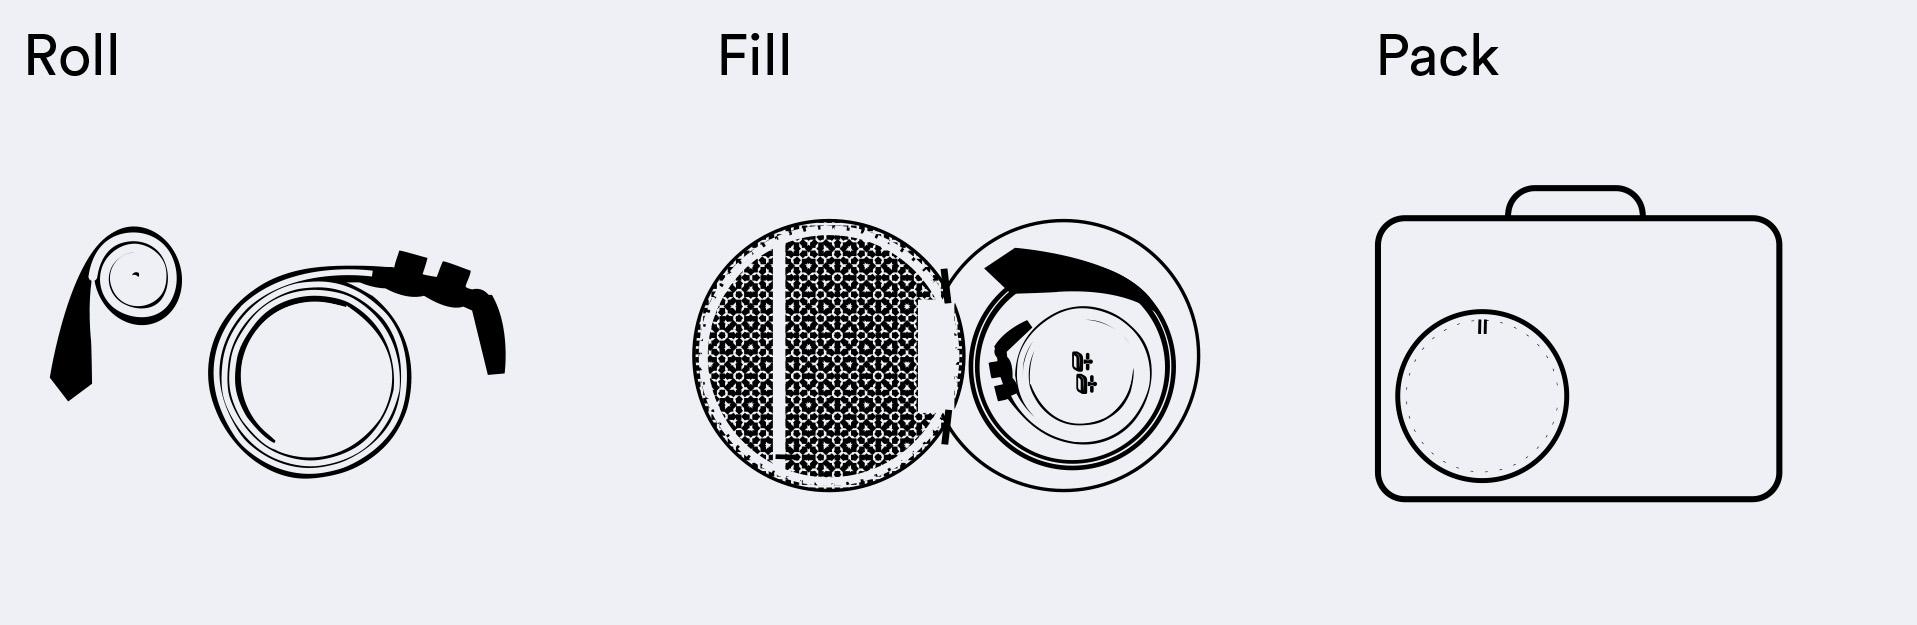 lp-belt-tie-v3.jpg